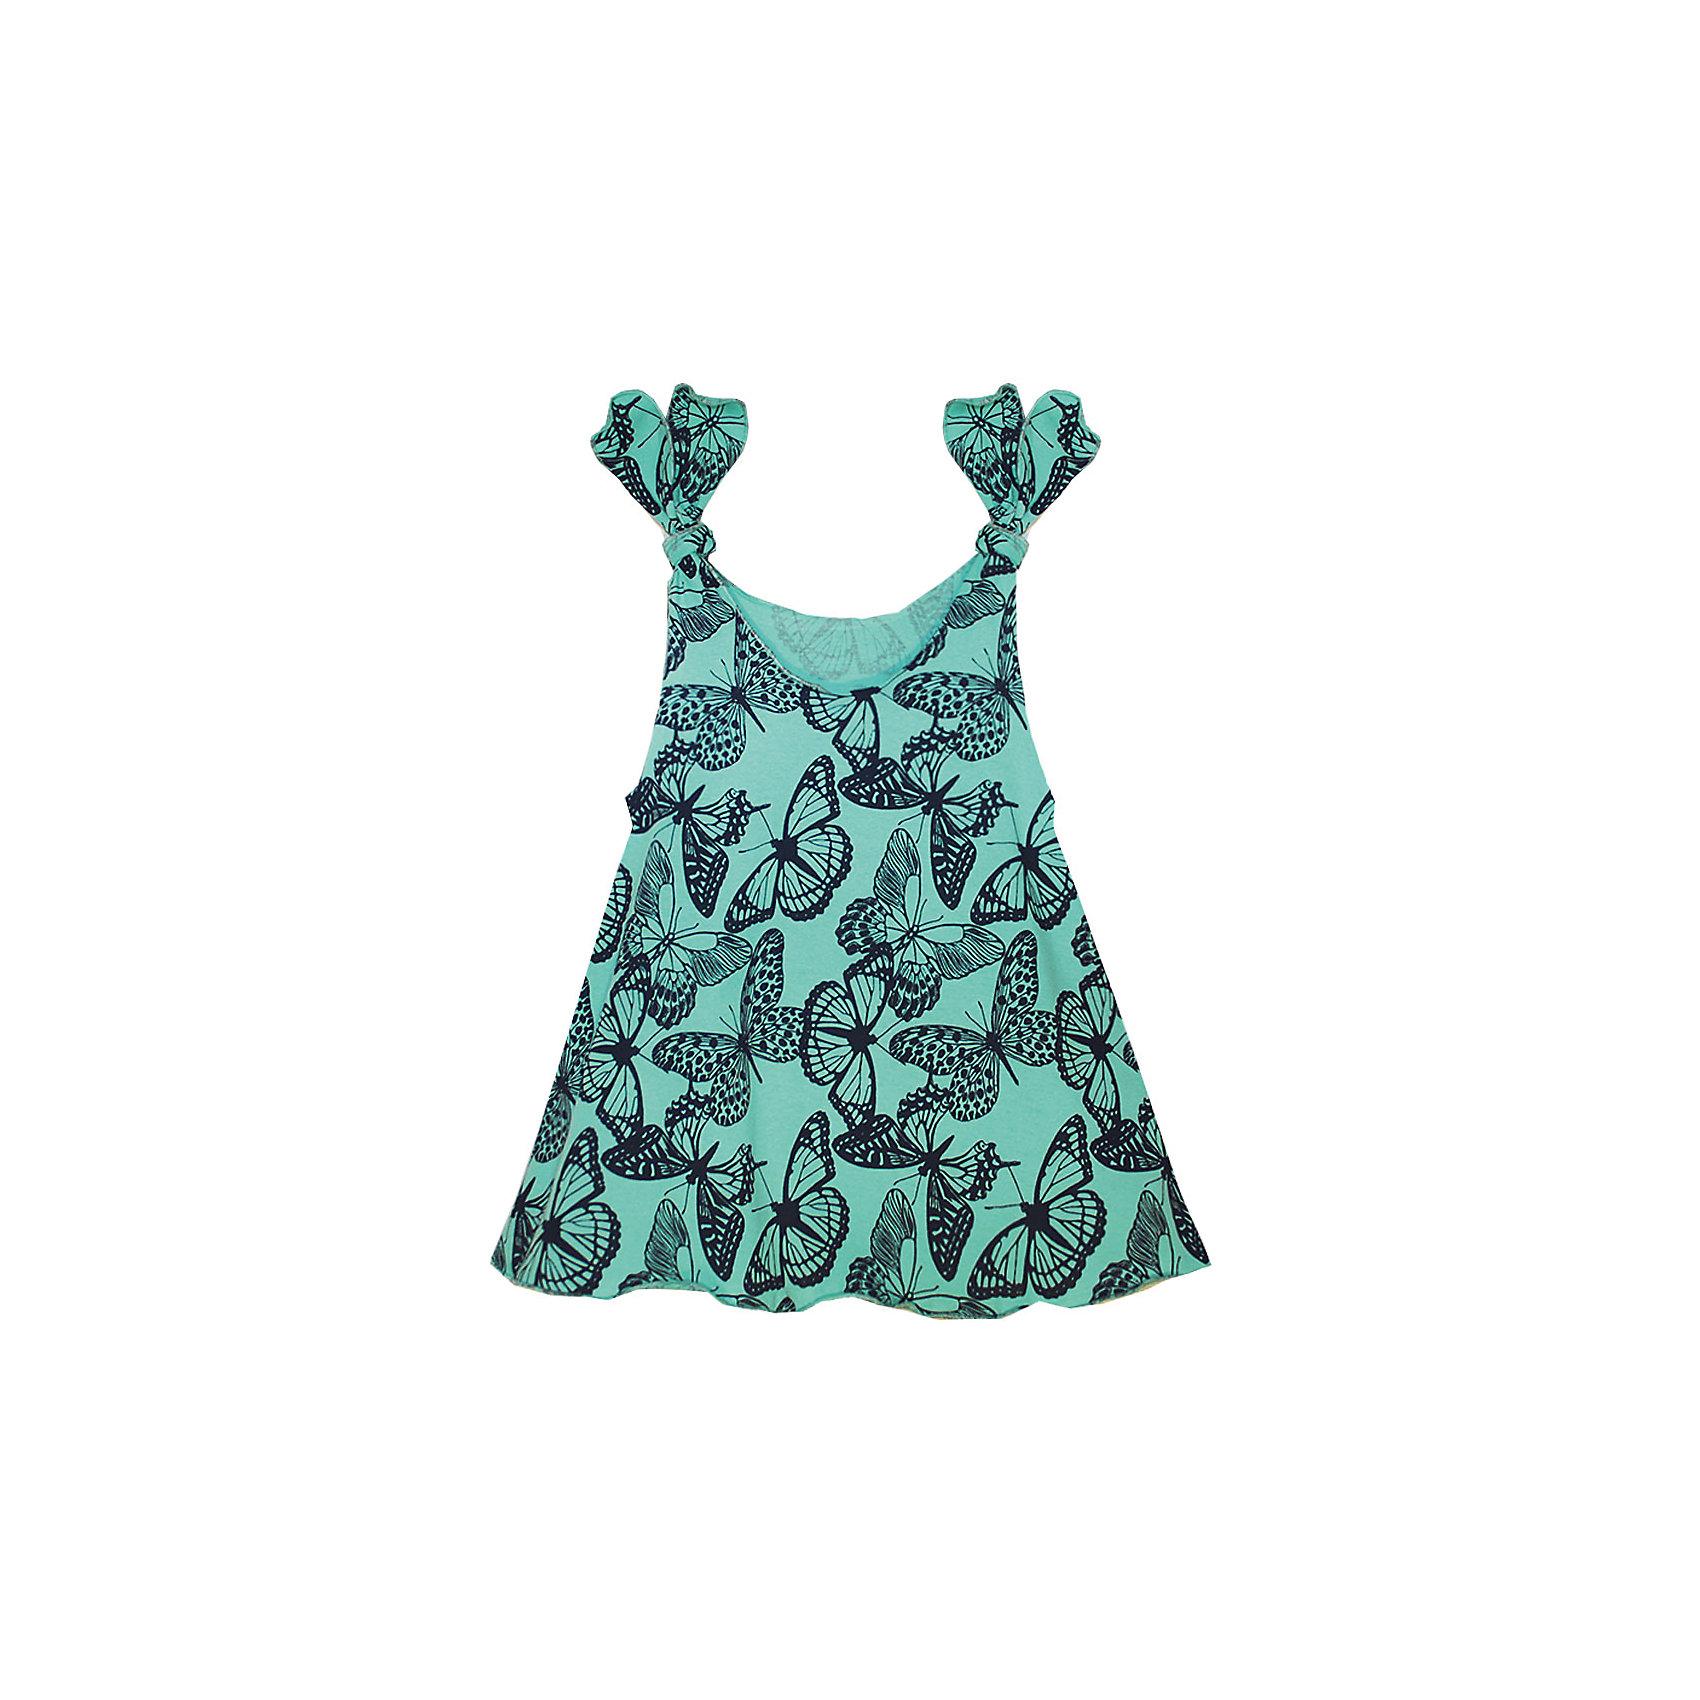 Платье для девочки KotMarKotПлатья и сарафаны<br>Платье для девочки KotMarKot<br>Состав:<br>100% хлопок<br><br>Ширина мм: 236<br>Глубина мм: 16<br>Высота мм: 184<br>Вес г: 177<br>Цвет: зеленый<br>Возраст от месяцев: 72<br>Возраст до месяцев: 84<br>Пол: Женский<br>Возраст: Детский<br>Размер: 122,92,98,104,110,116<br>SKU: 6755112